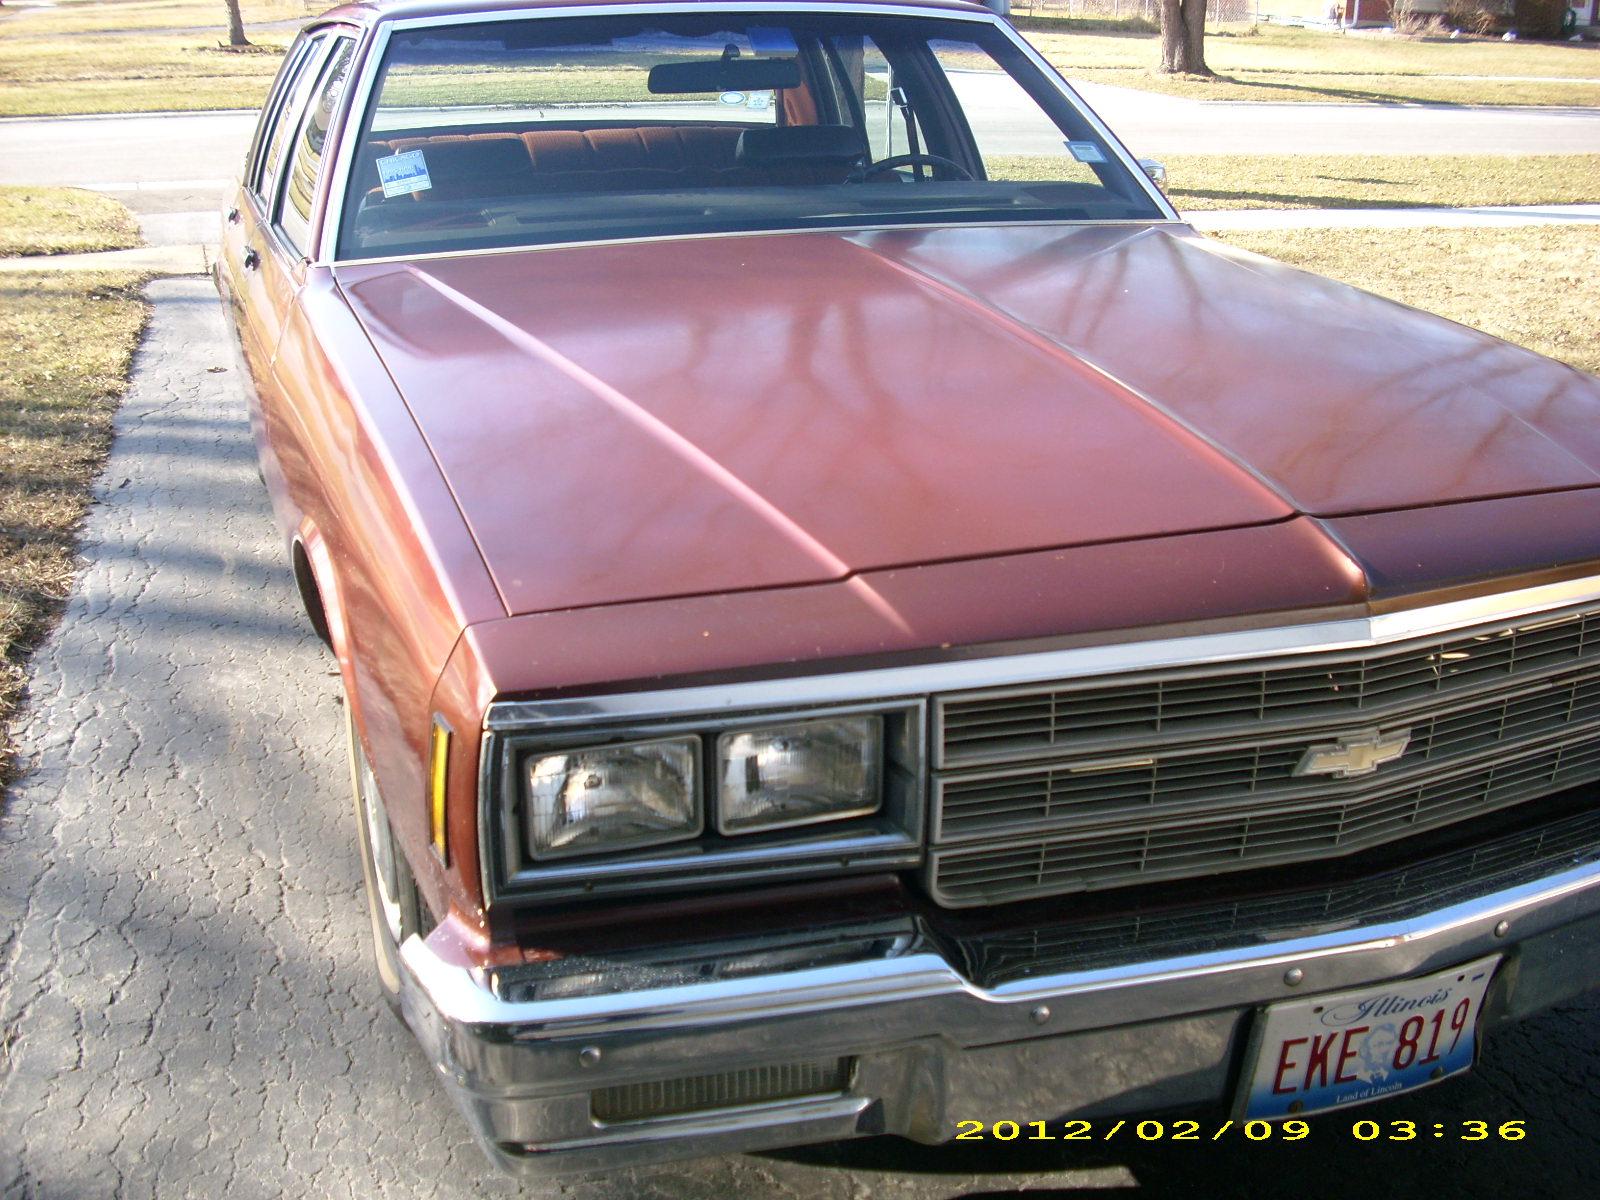 1982 Chevrolet Impala